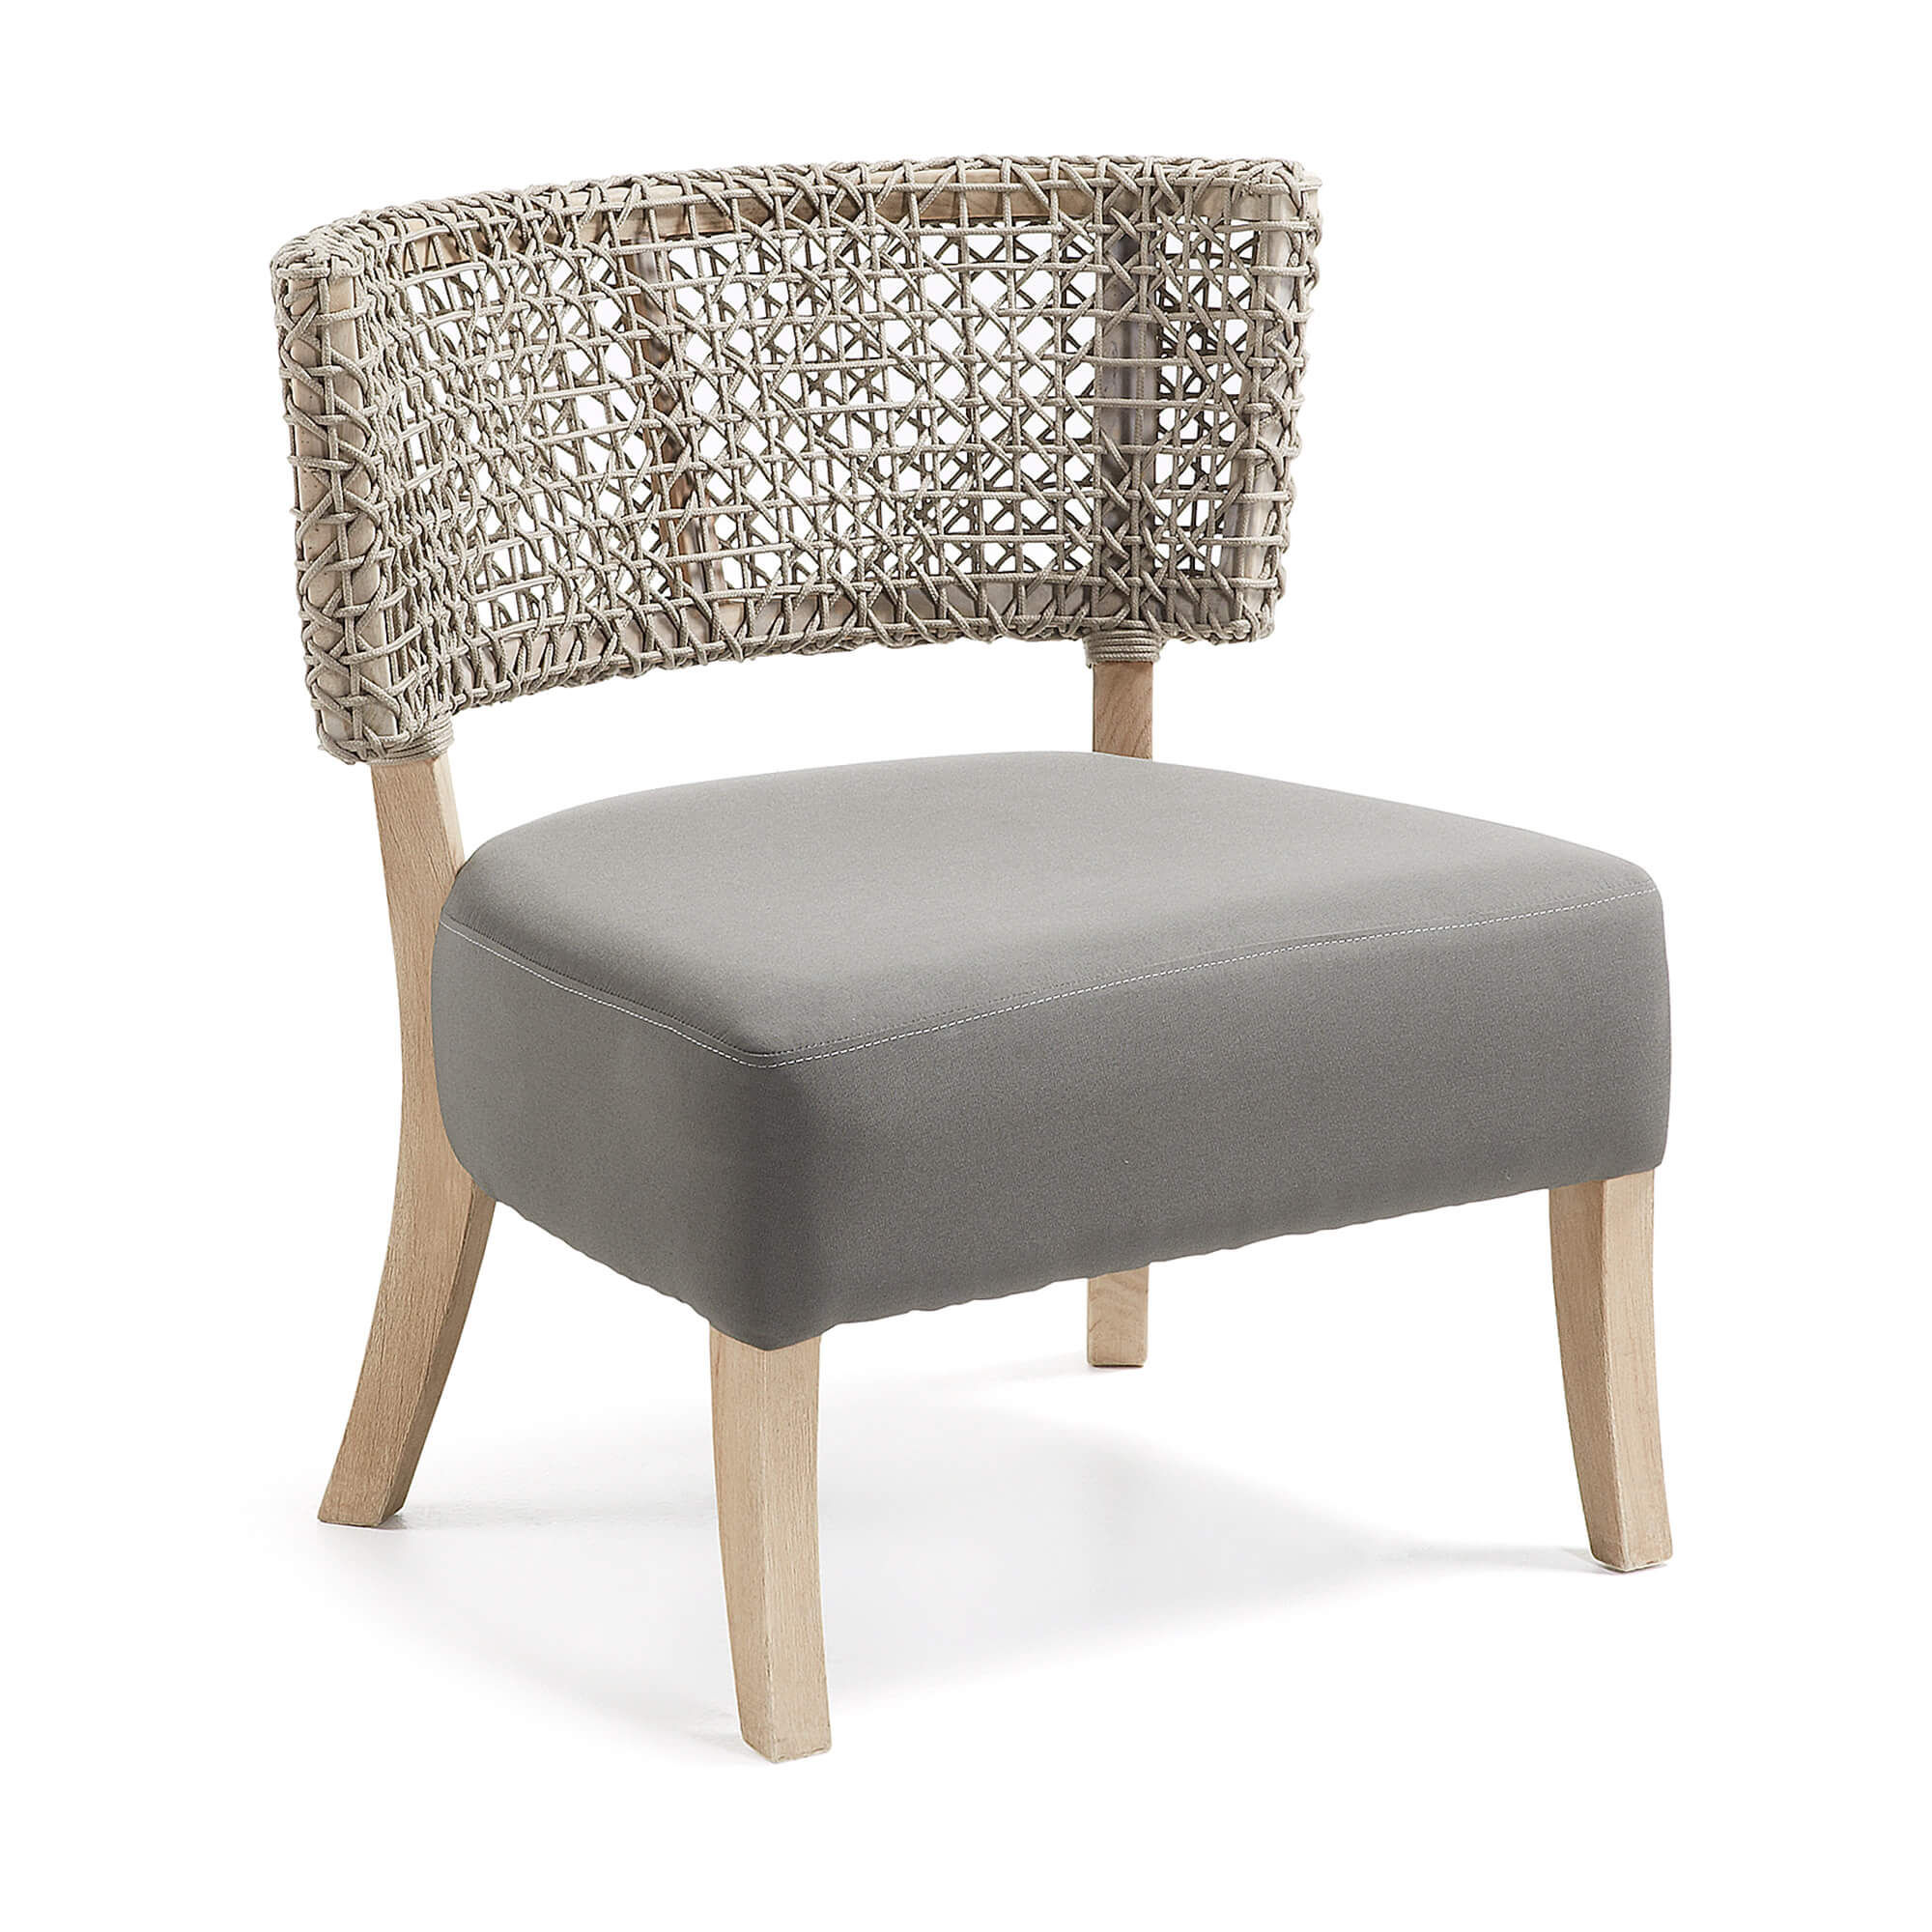 laforma Laforma domus lænestol - beige/natur polyester/teaktræ og stof fra boboonline.dk